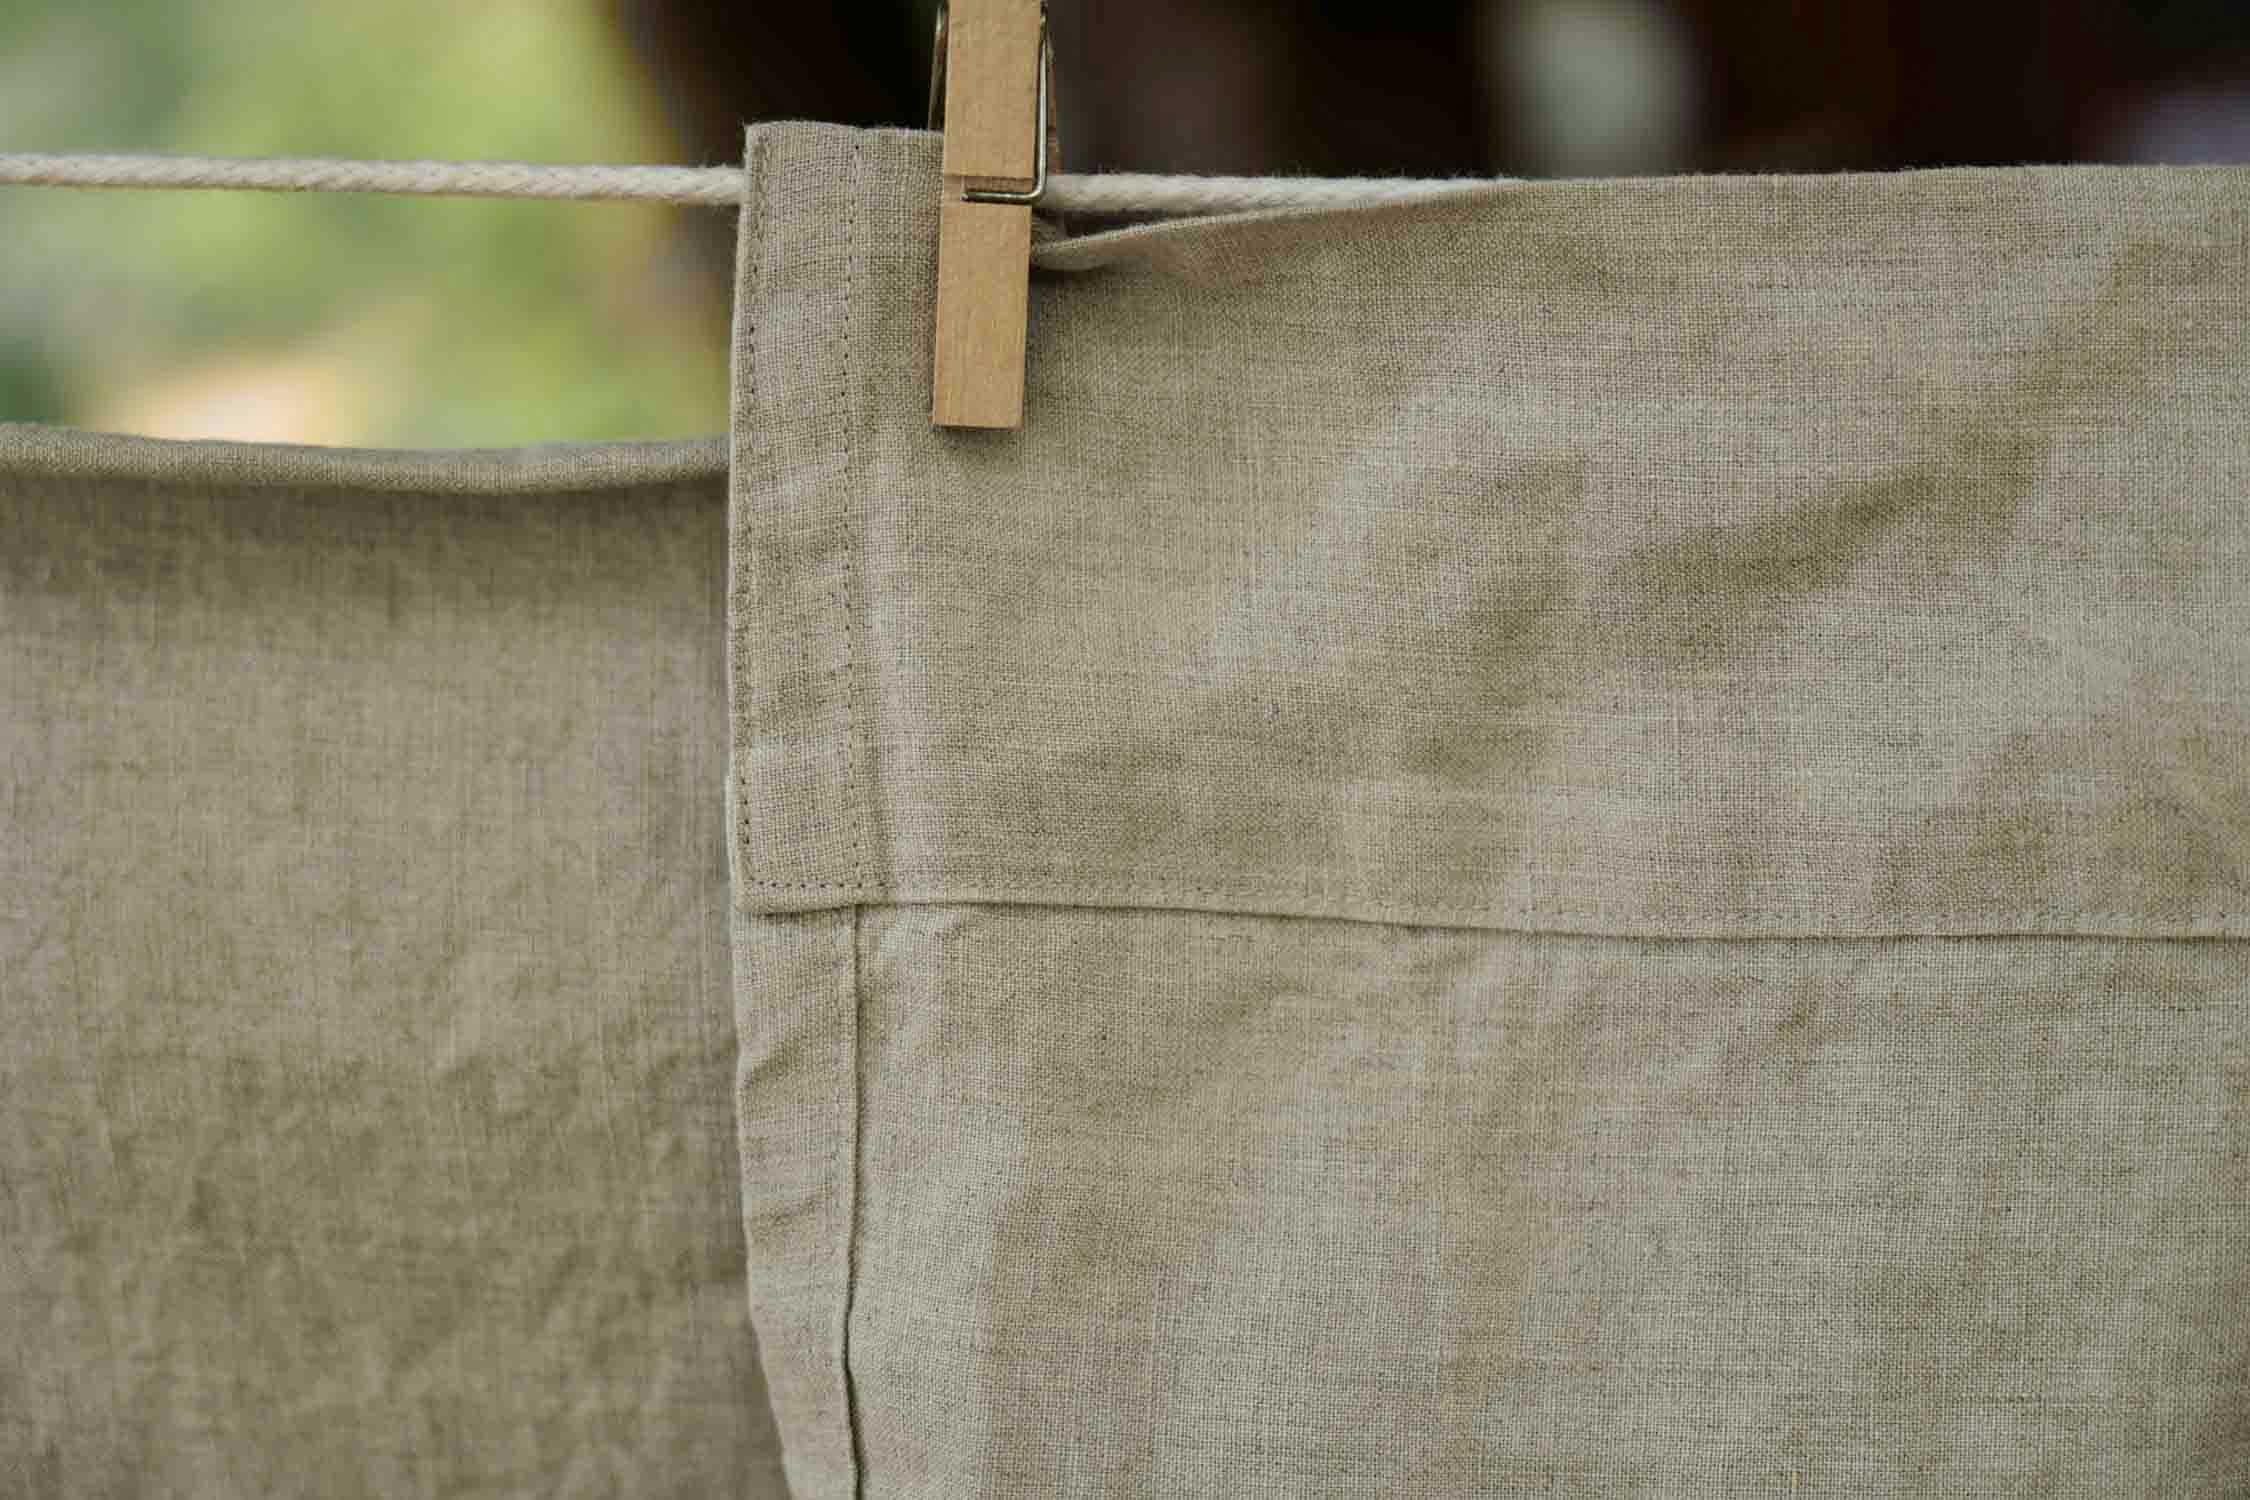 Butterick fashion designer Katherine Tilton shares sewing tips for making DIY linen sheets.